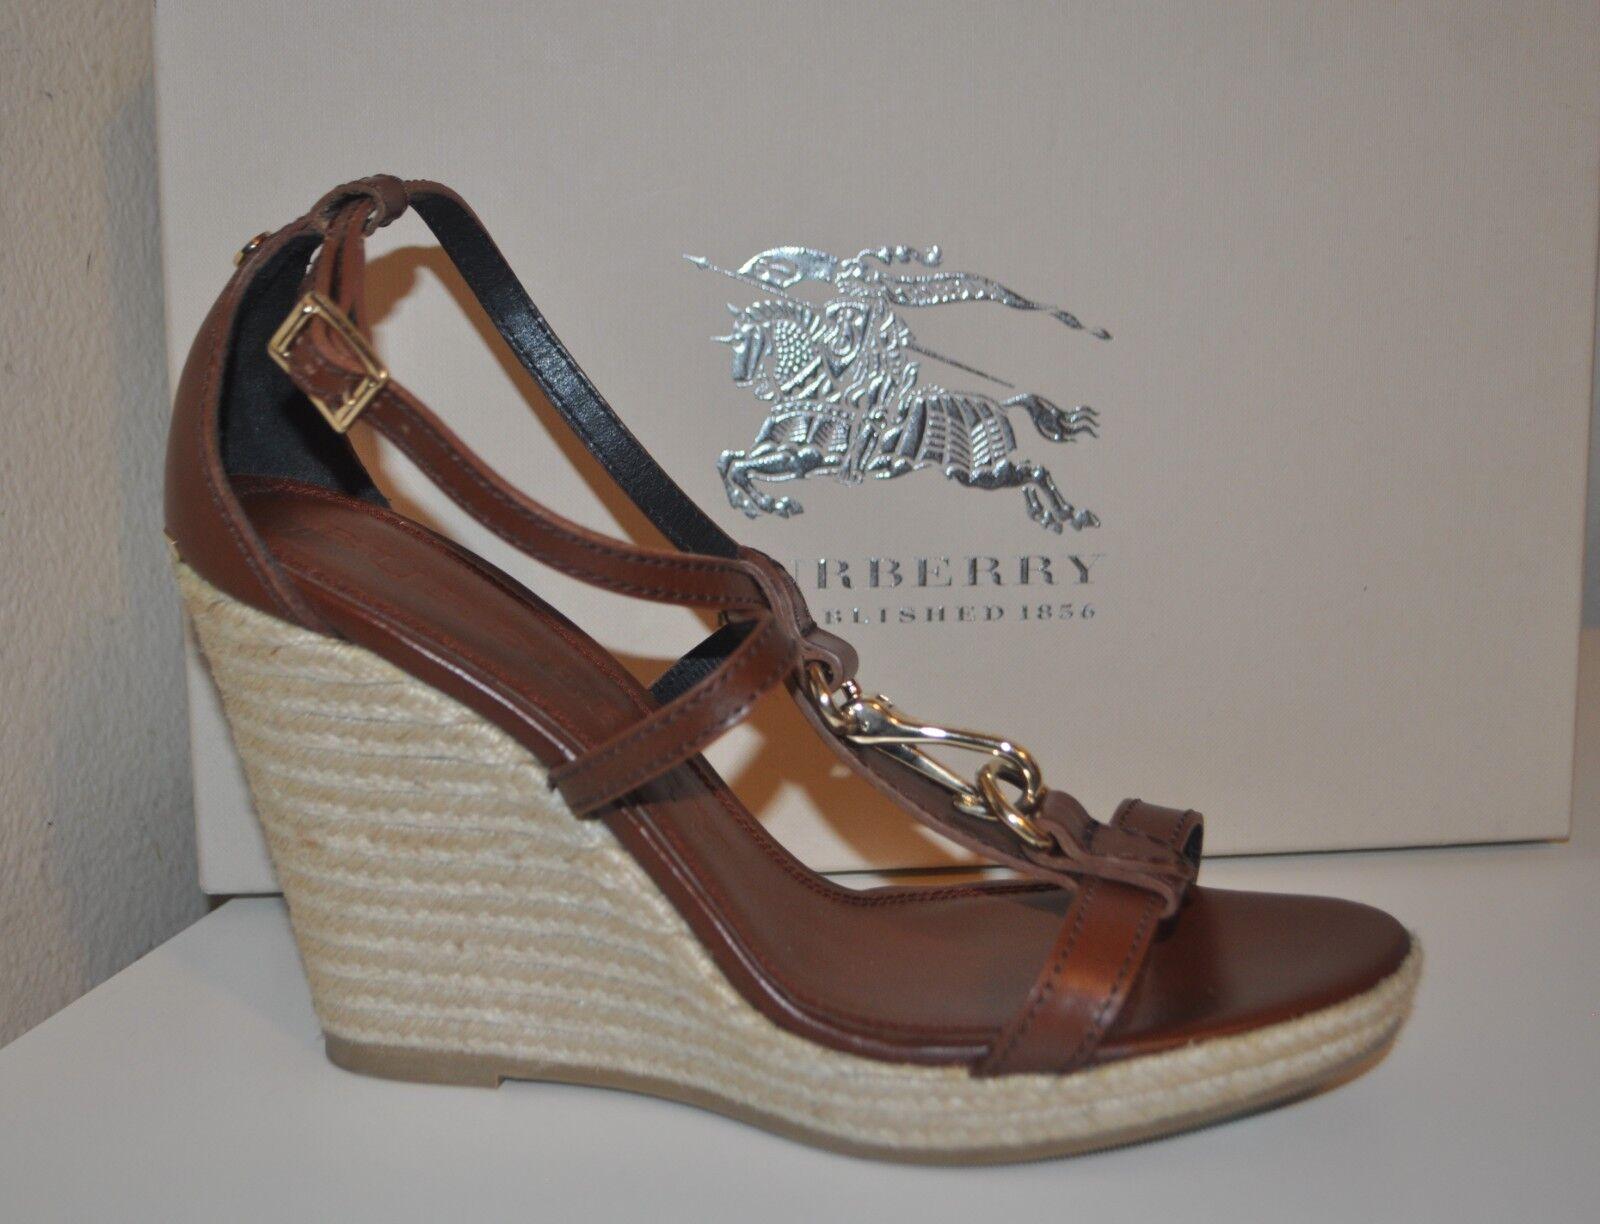 Nuevas Sandalias Alpargata Cuña Cuña Cuña de plataforma abbax Burberry zapato y Correa en el tobillo de 39 - 8.5  suministro de productos de calidad